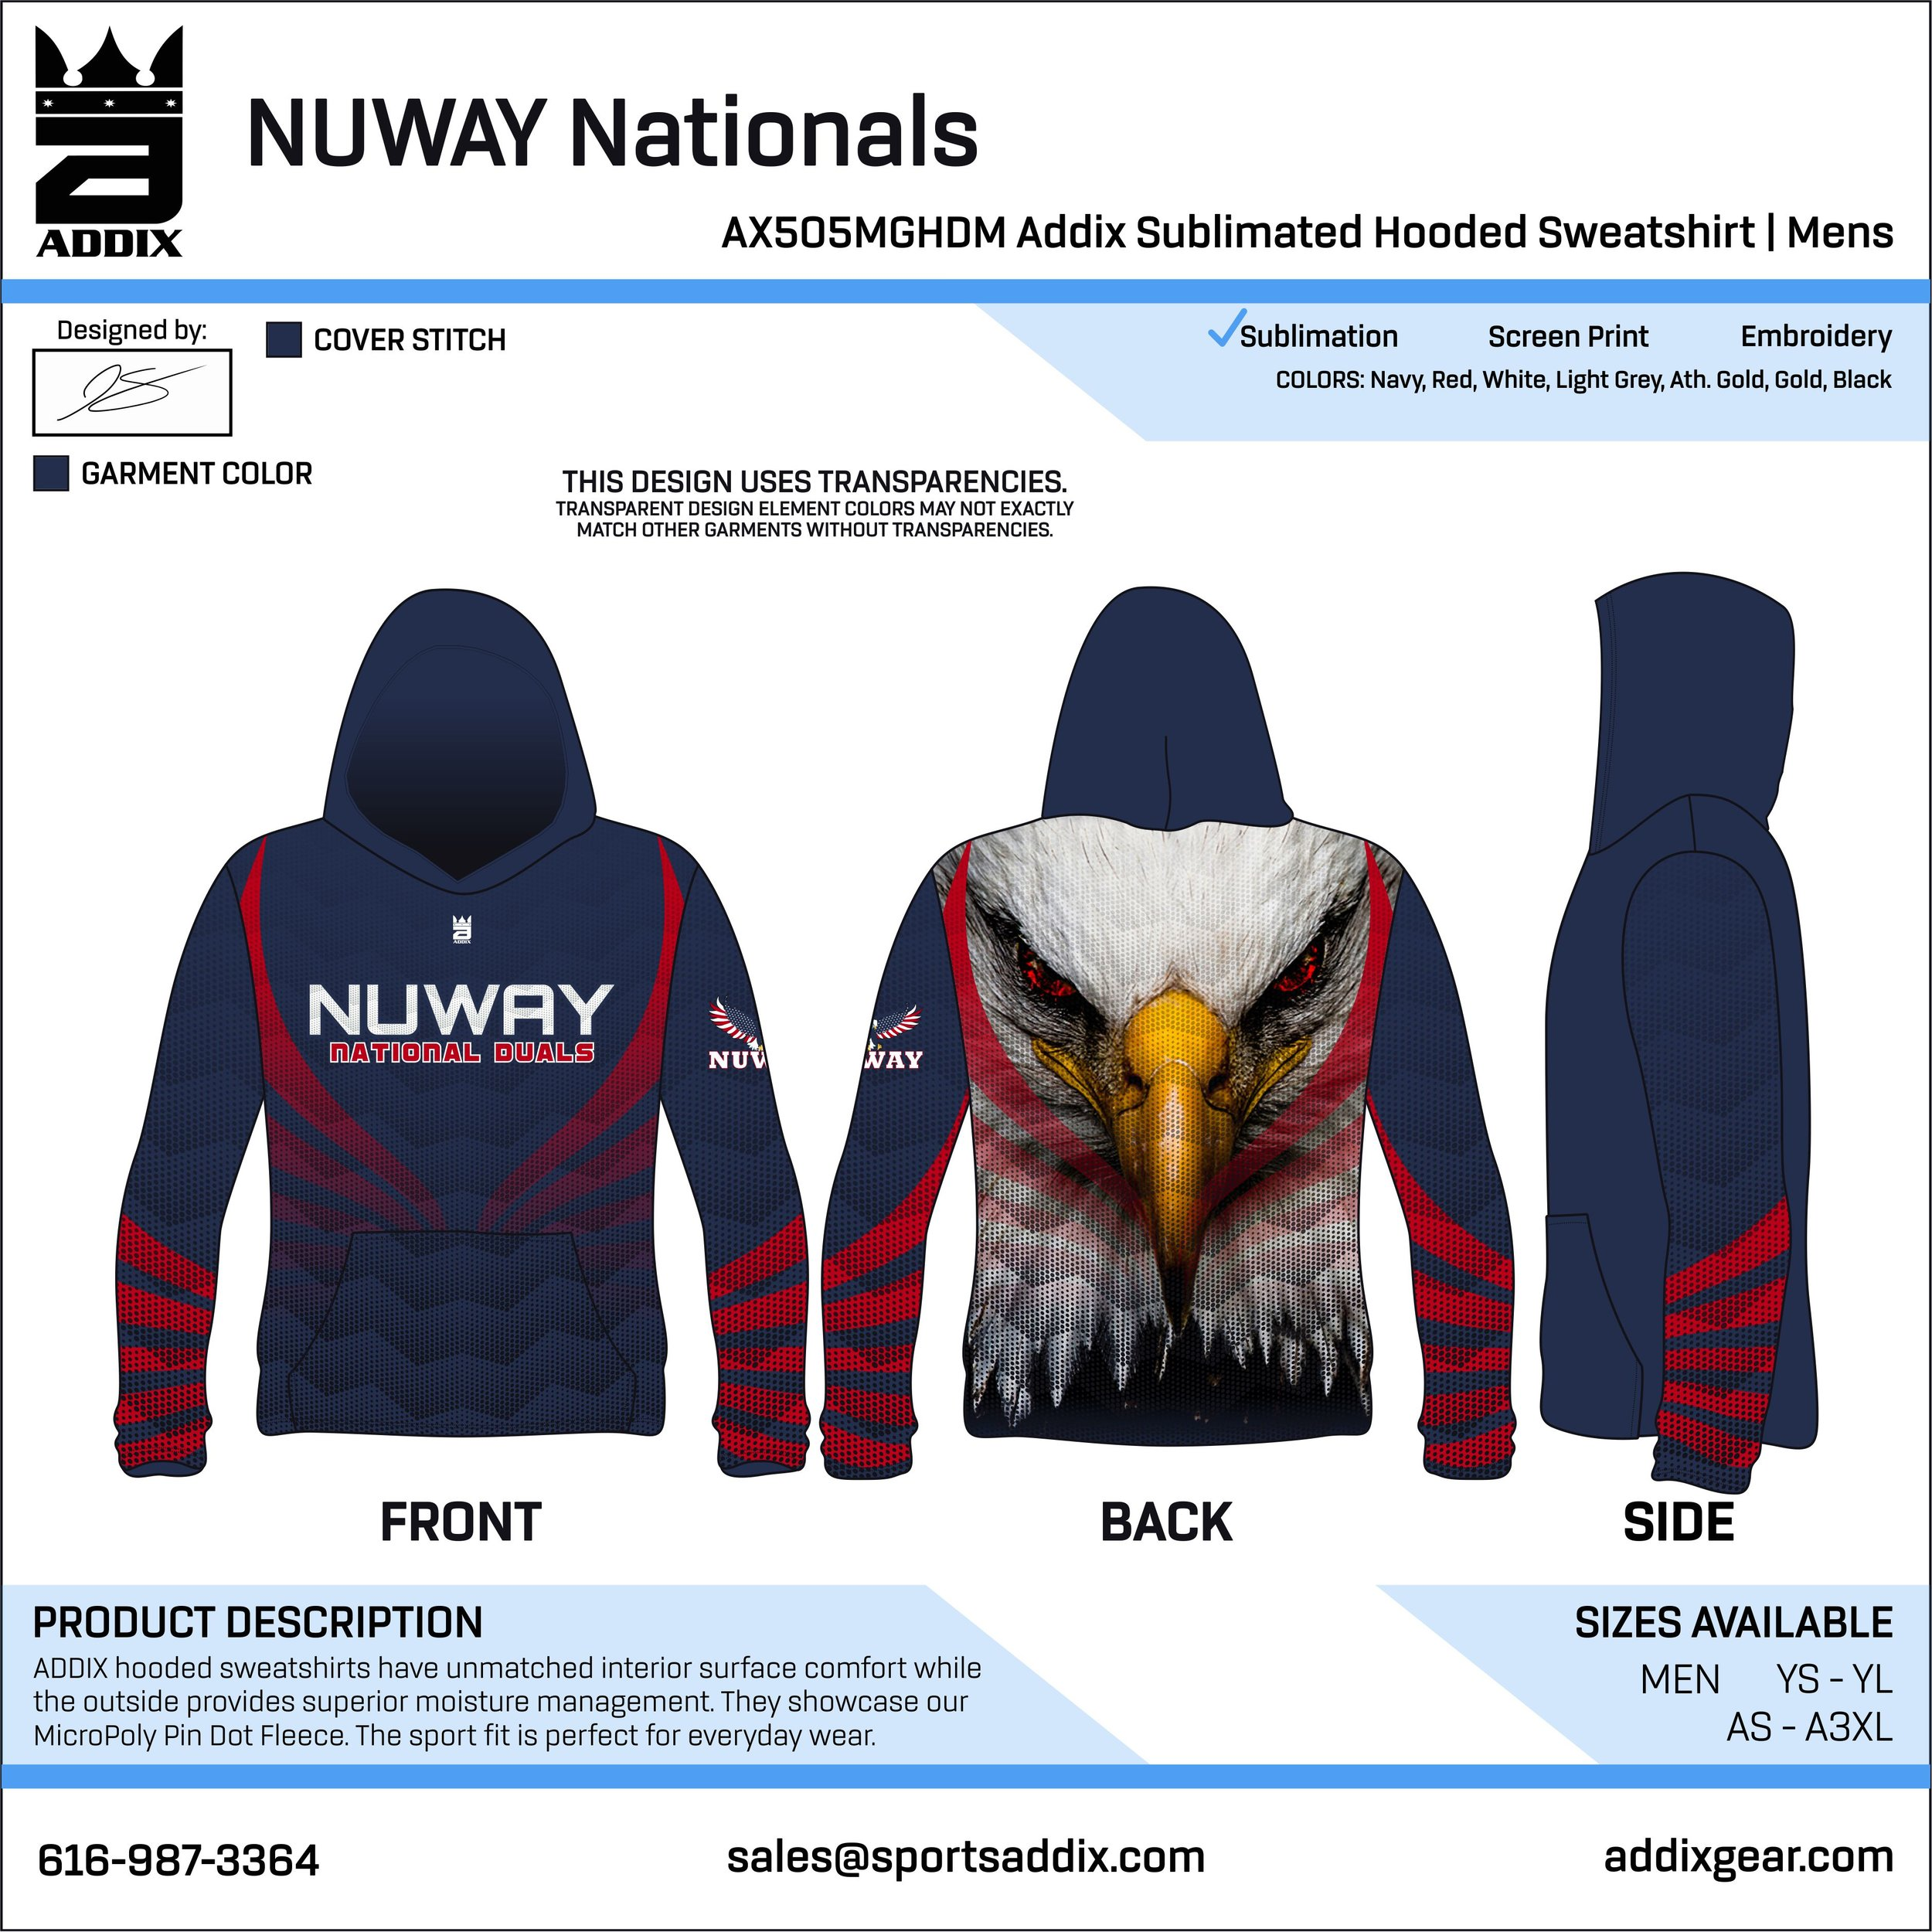 NUWAY Nationals_2018_11-16_JE_Full Sub Hoodie.jpg